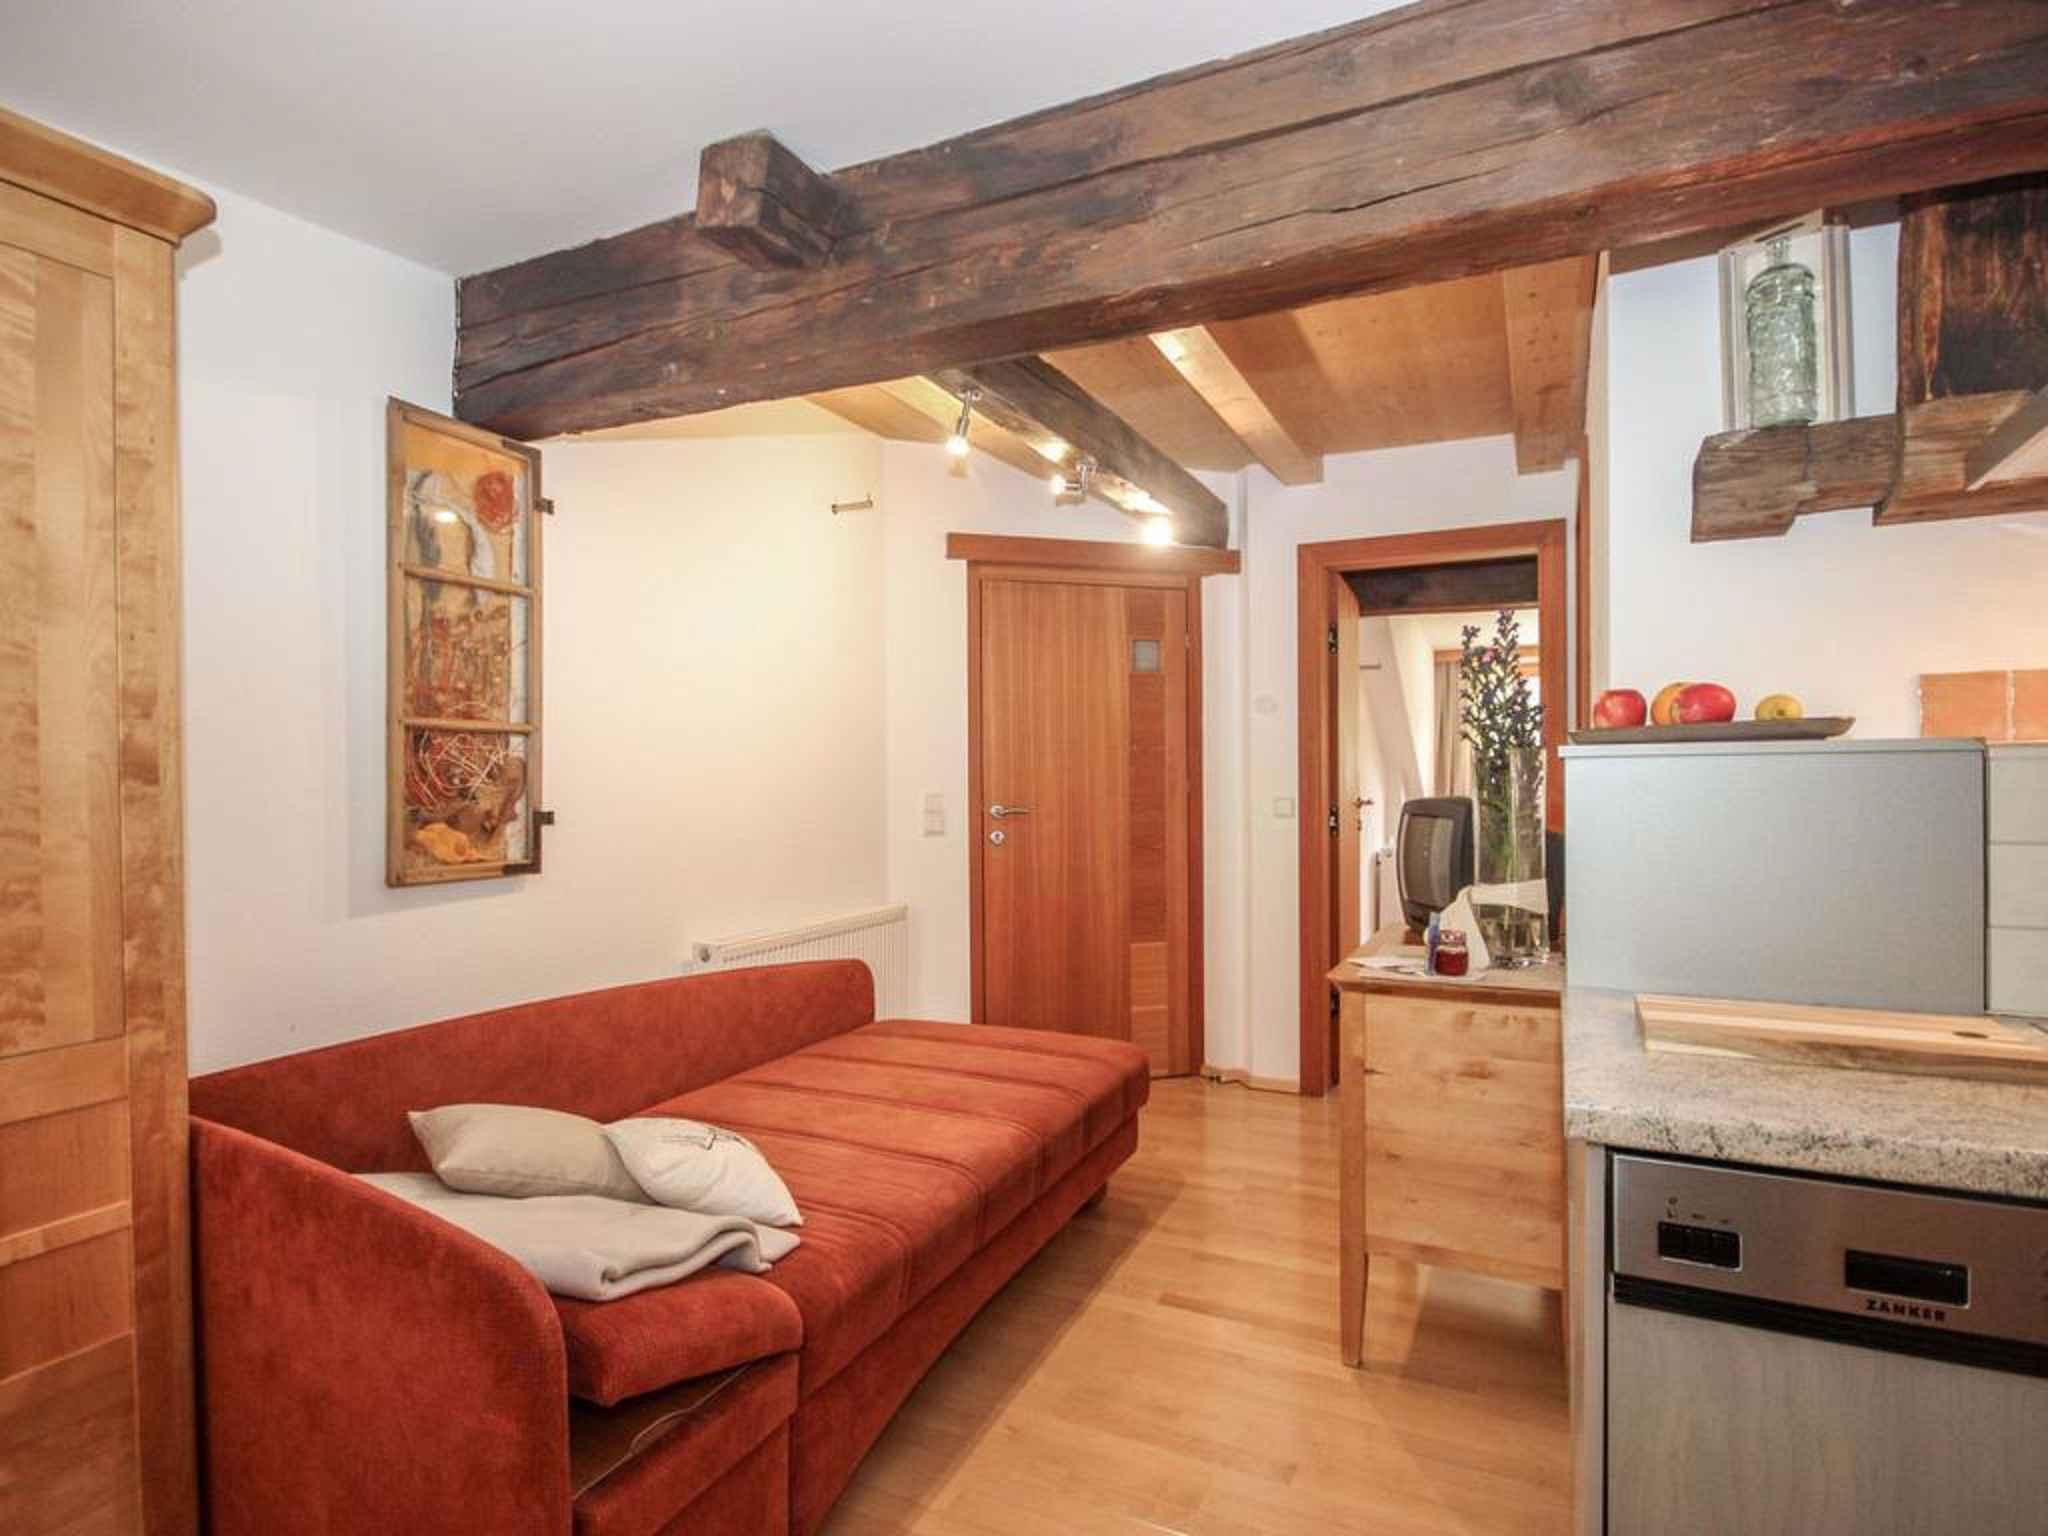 Ferienwohnung in einem über 300 Jahre alten Holzhaus (283708), Sölden (AT), Ötztal, Tirol, Österreich, Bild 17